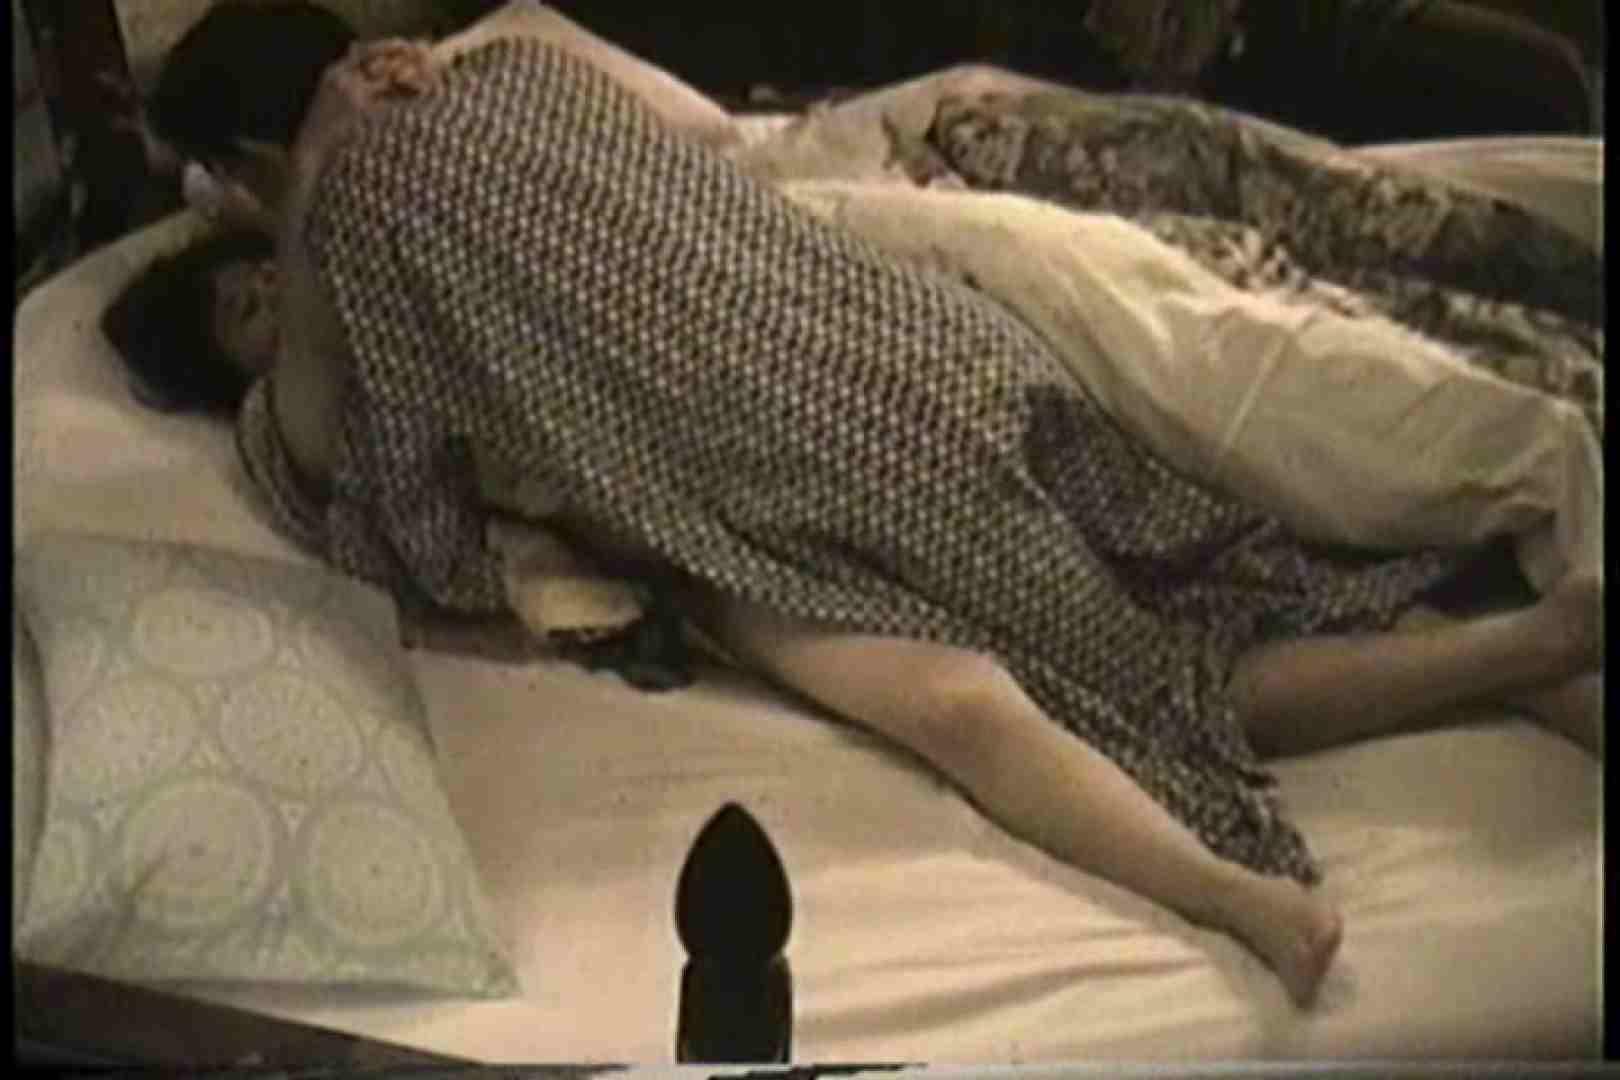 実録!ラブホテル~消し忘れ注意!昭和の色編~ vol.21 熟女丸裸   ラブホテル隠し撮り  104pic 15